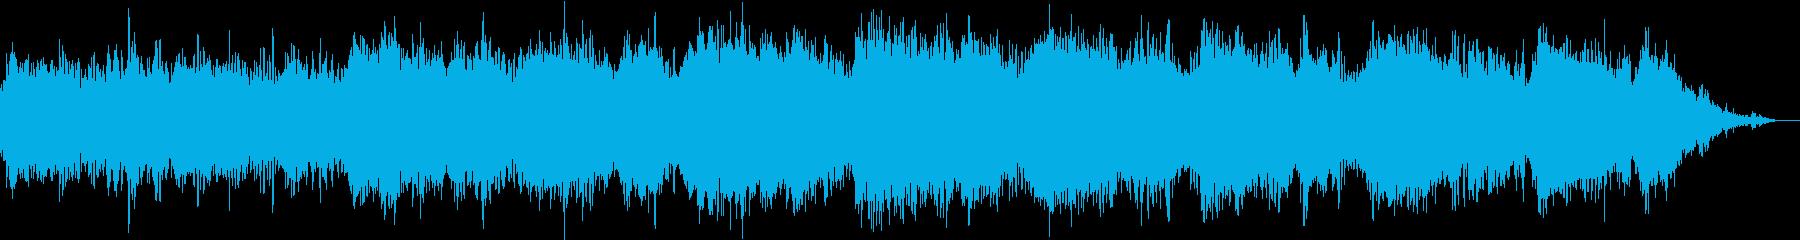 彼方の広大な宇宙を表現したBGMの再生済みの波形